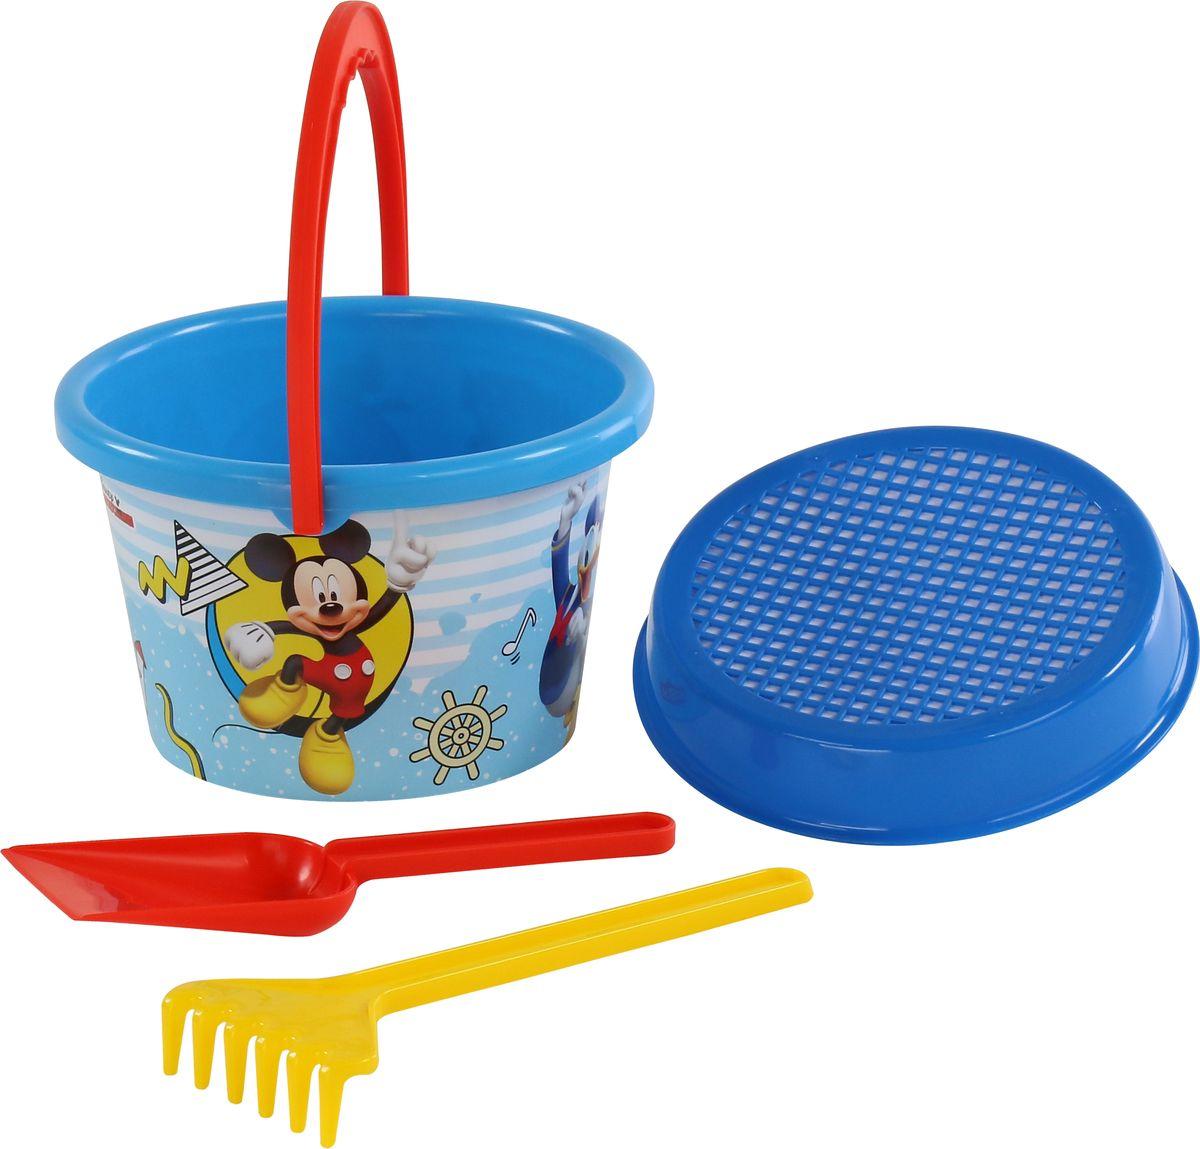 Disney Набор игрушек для песочницы Микки и Веселые гонки №6 игра настольная веселые гонки и божьи коровки